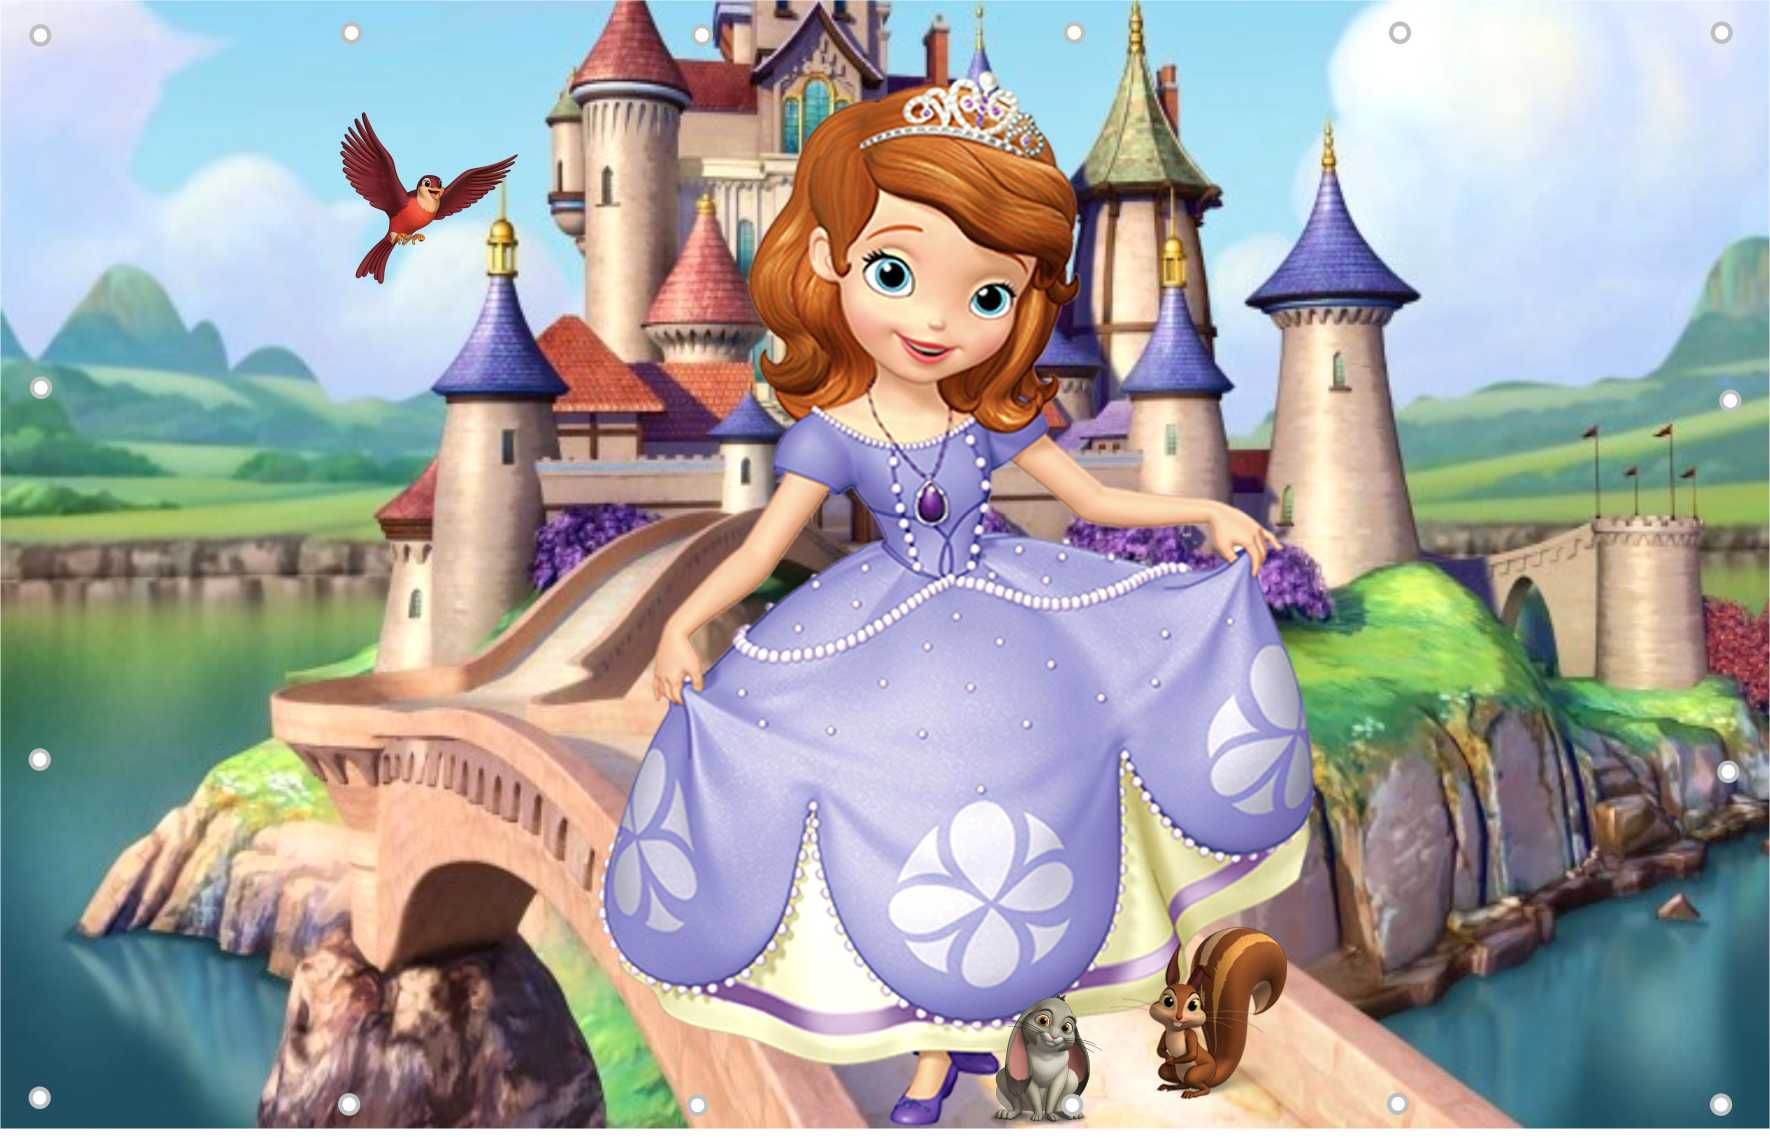 Wallpaper princesa sofia para imprimir pesquisa google - Foto princesa sofia ...